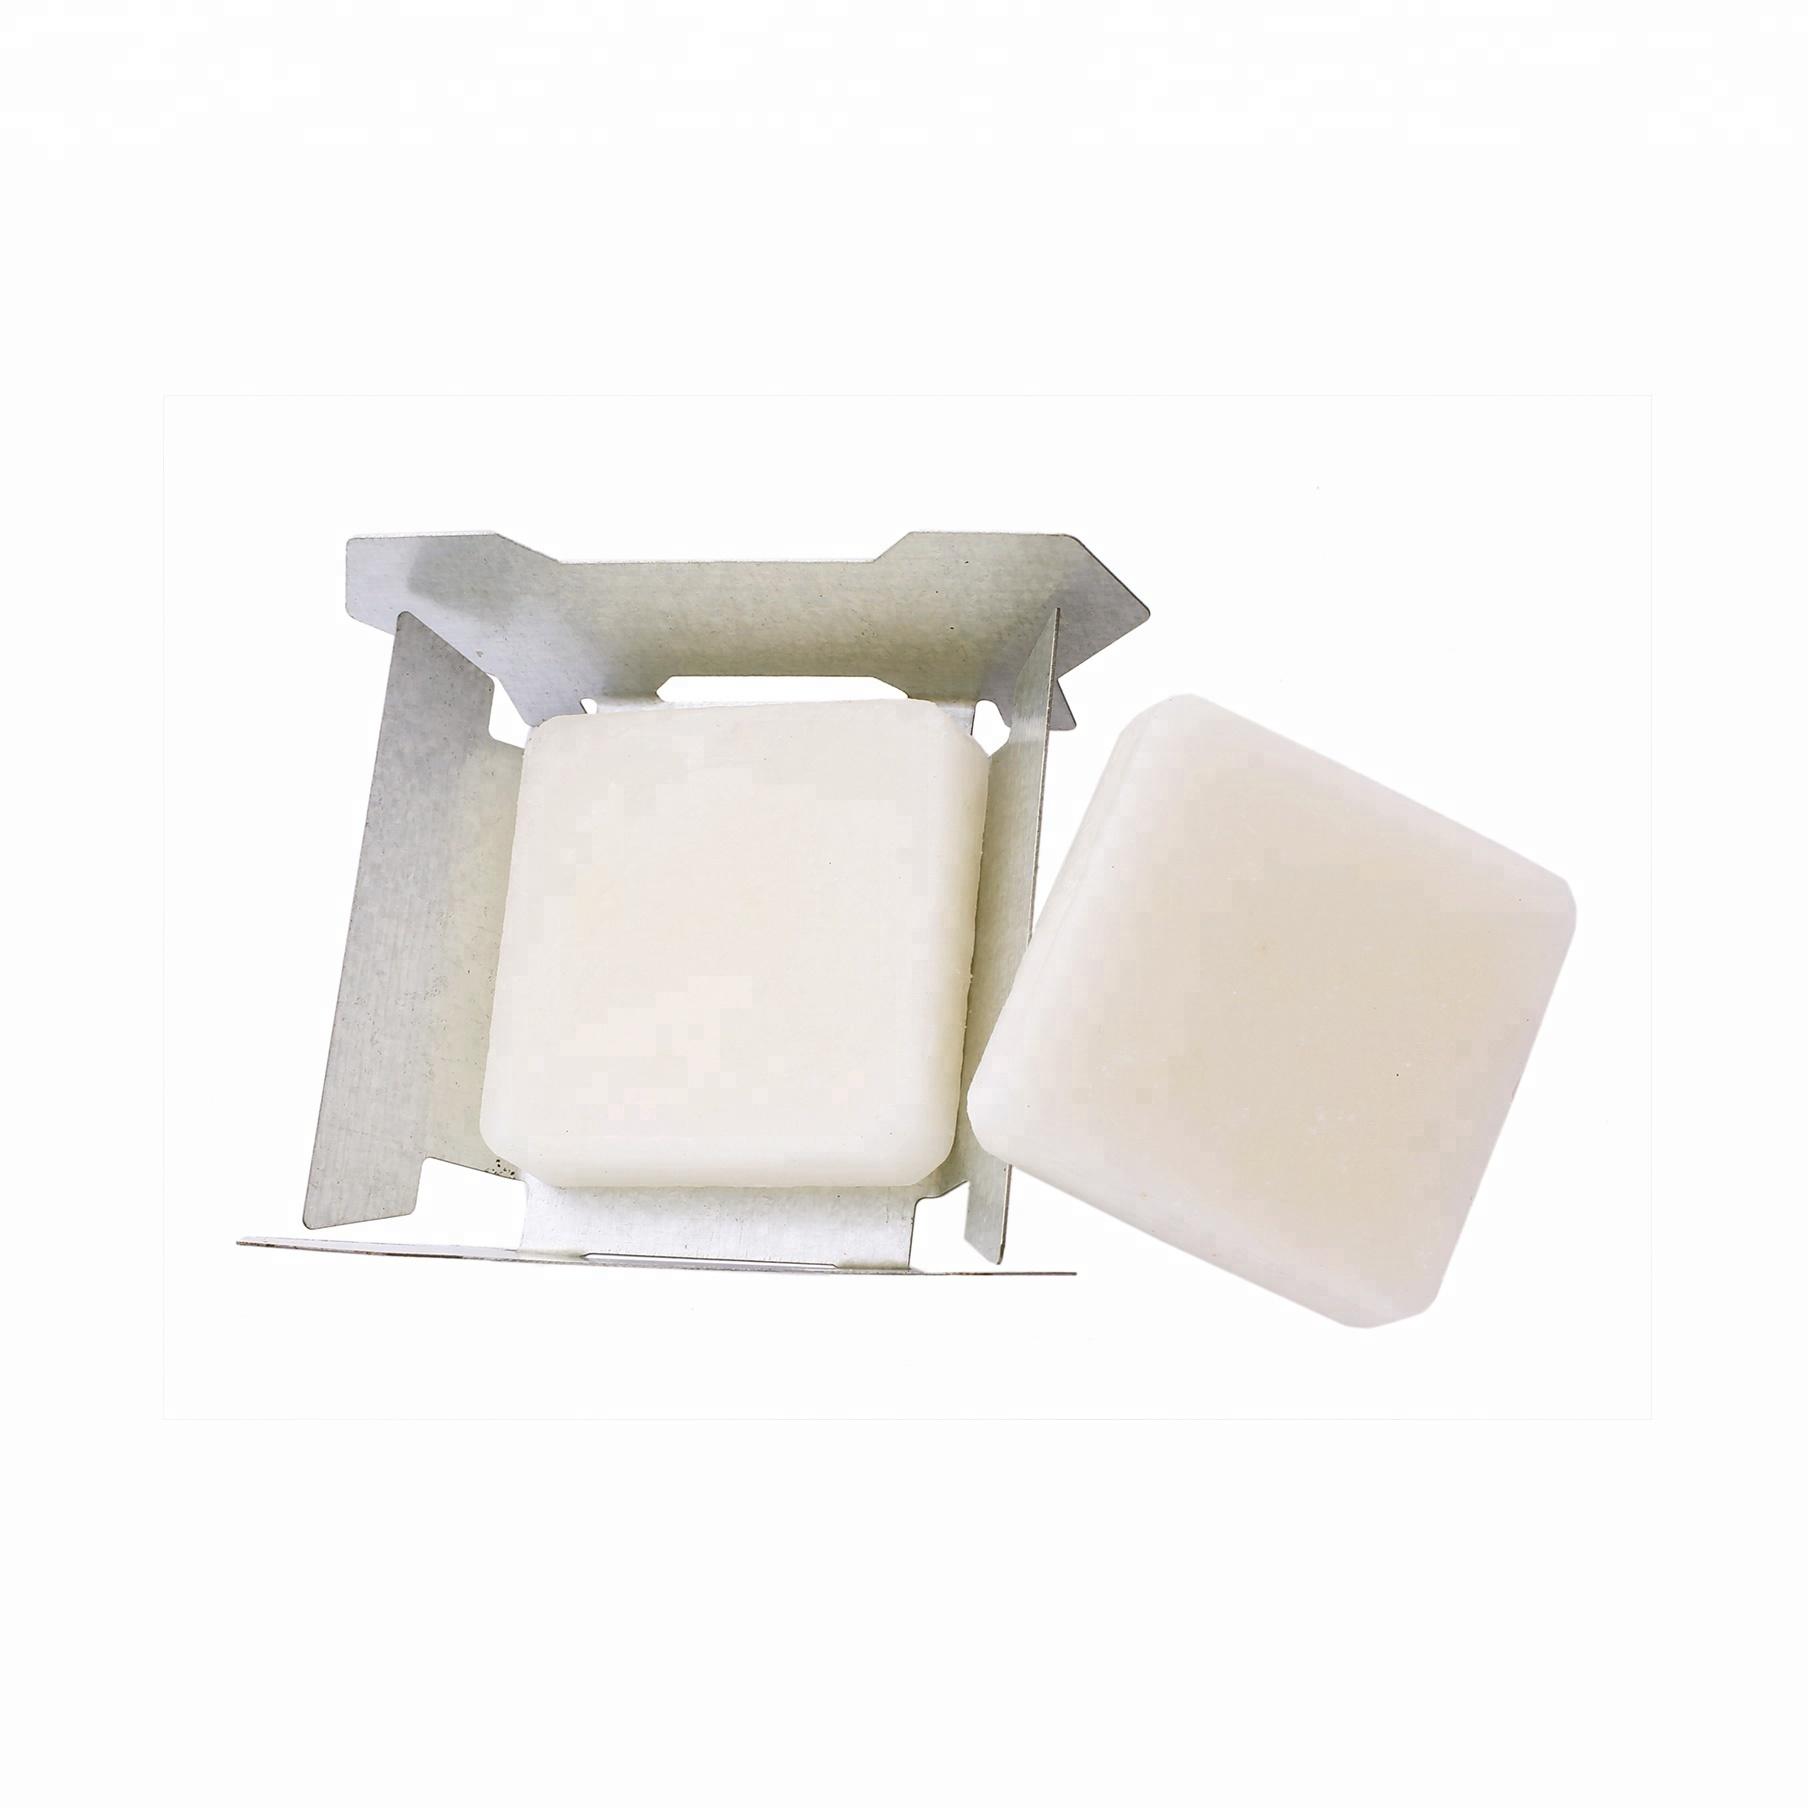 HongQiang 8pcs/box Hexamine solid fuel tablets